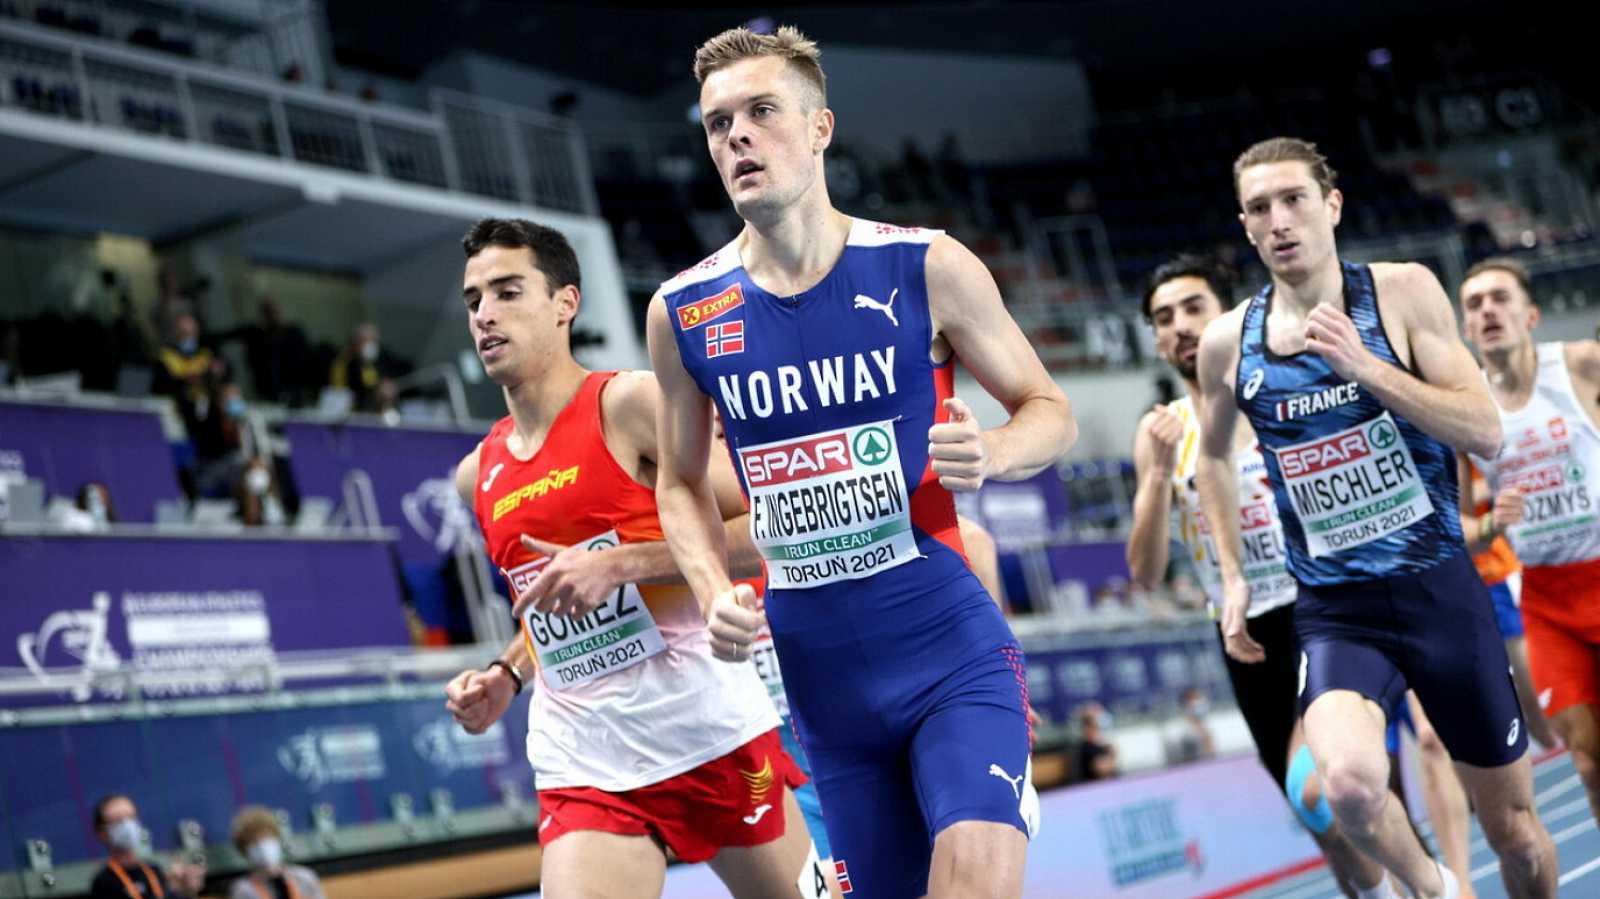 Atletismo - Campeonato de Europa Pista Cubierta. Sesión Vespertina (2): Series 1500m masculino - 04/03/21 - ver ahora